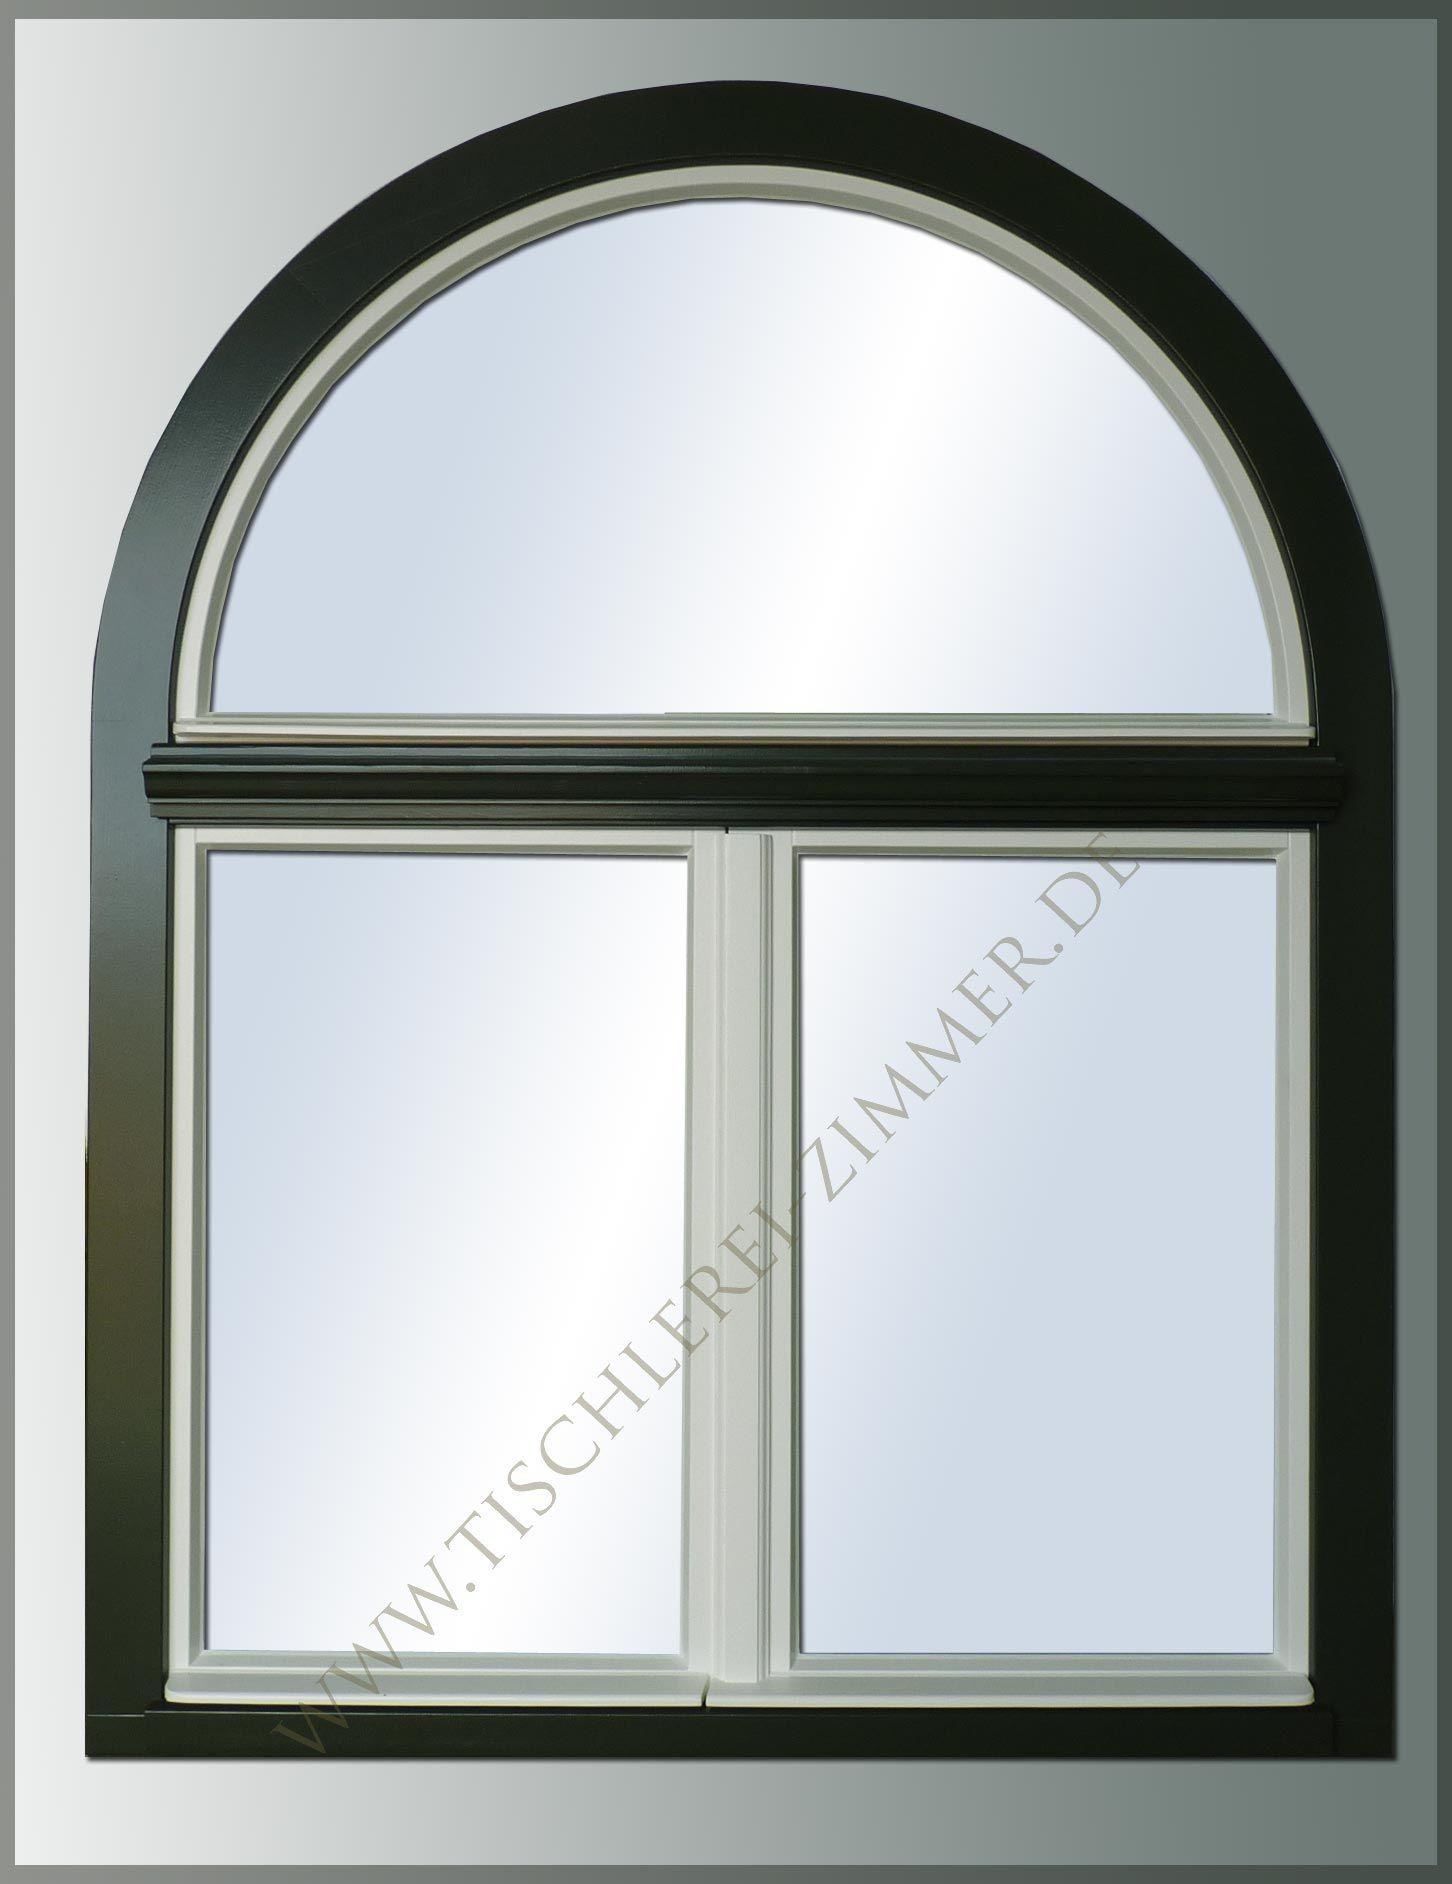 Ein Bogenfenster Mit 2farbiger Ausführung Die Flügel In Weiß Und Der Rahmen  In .